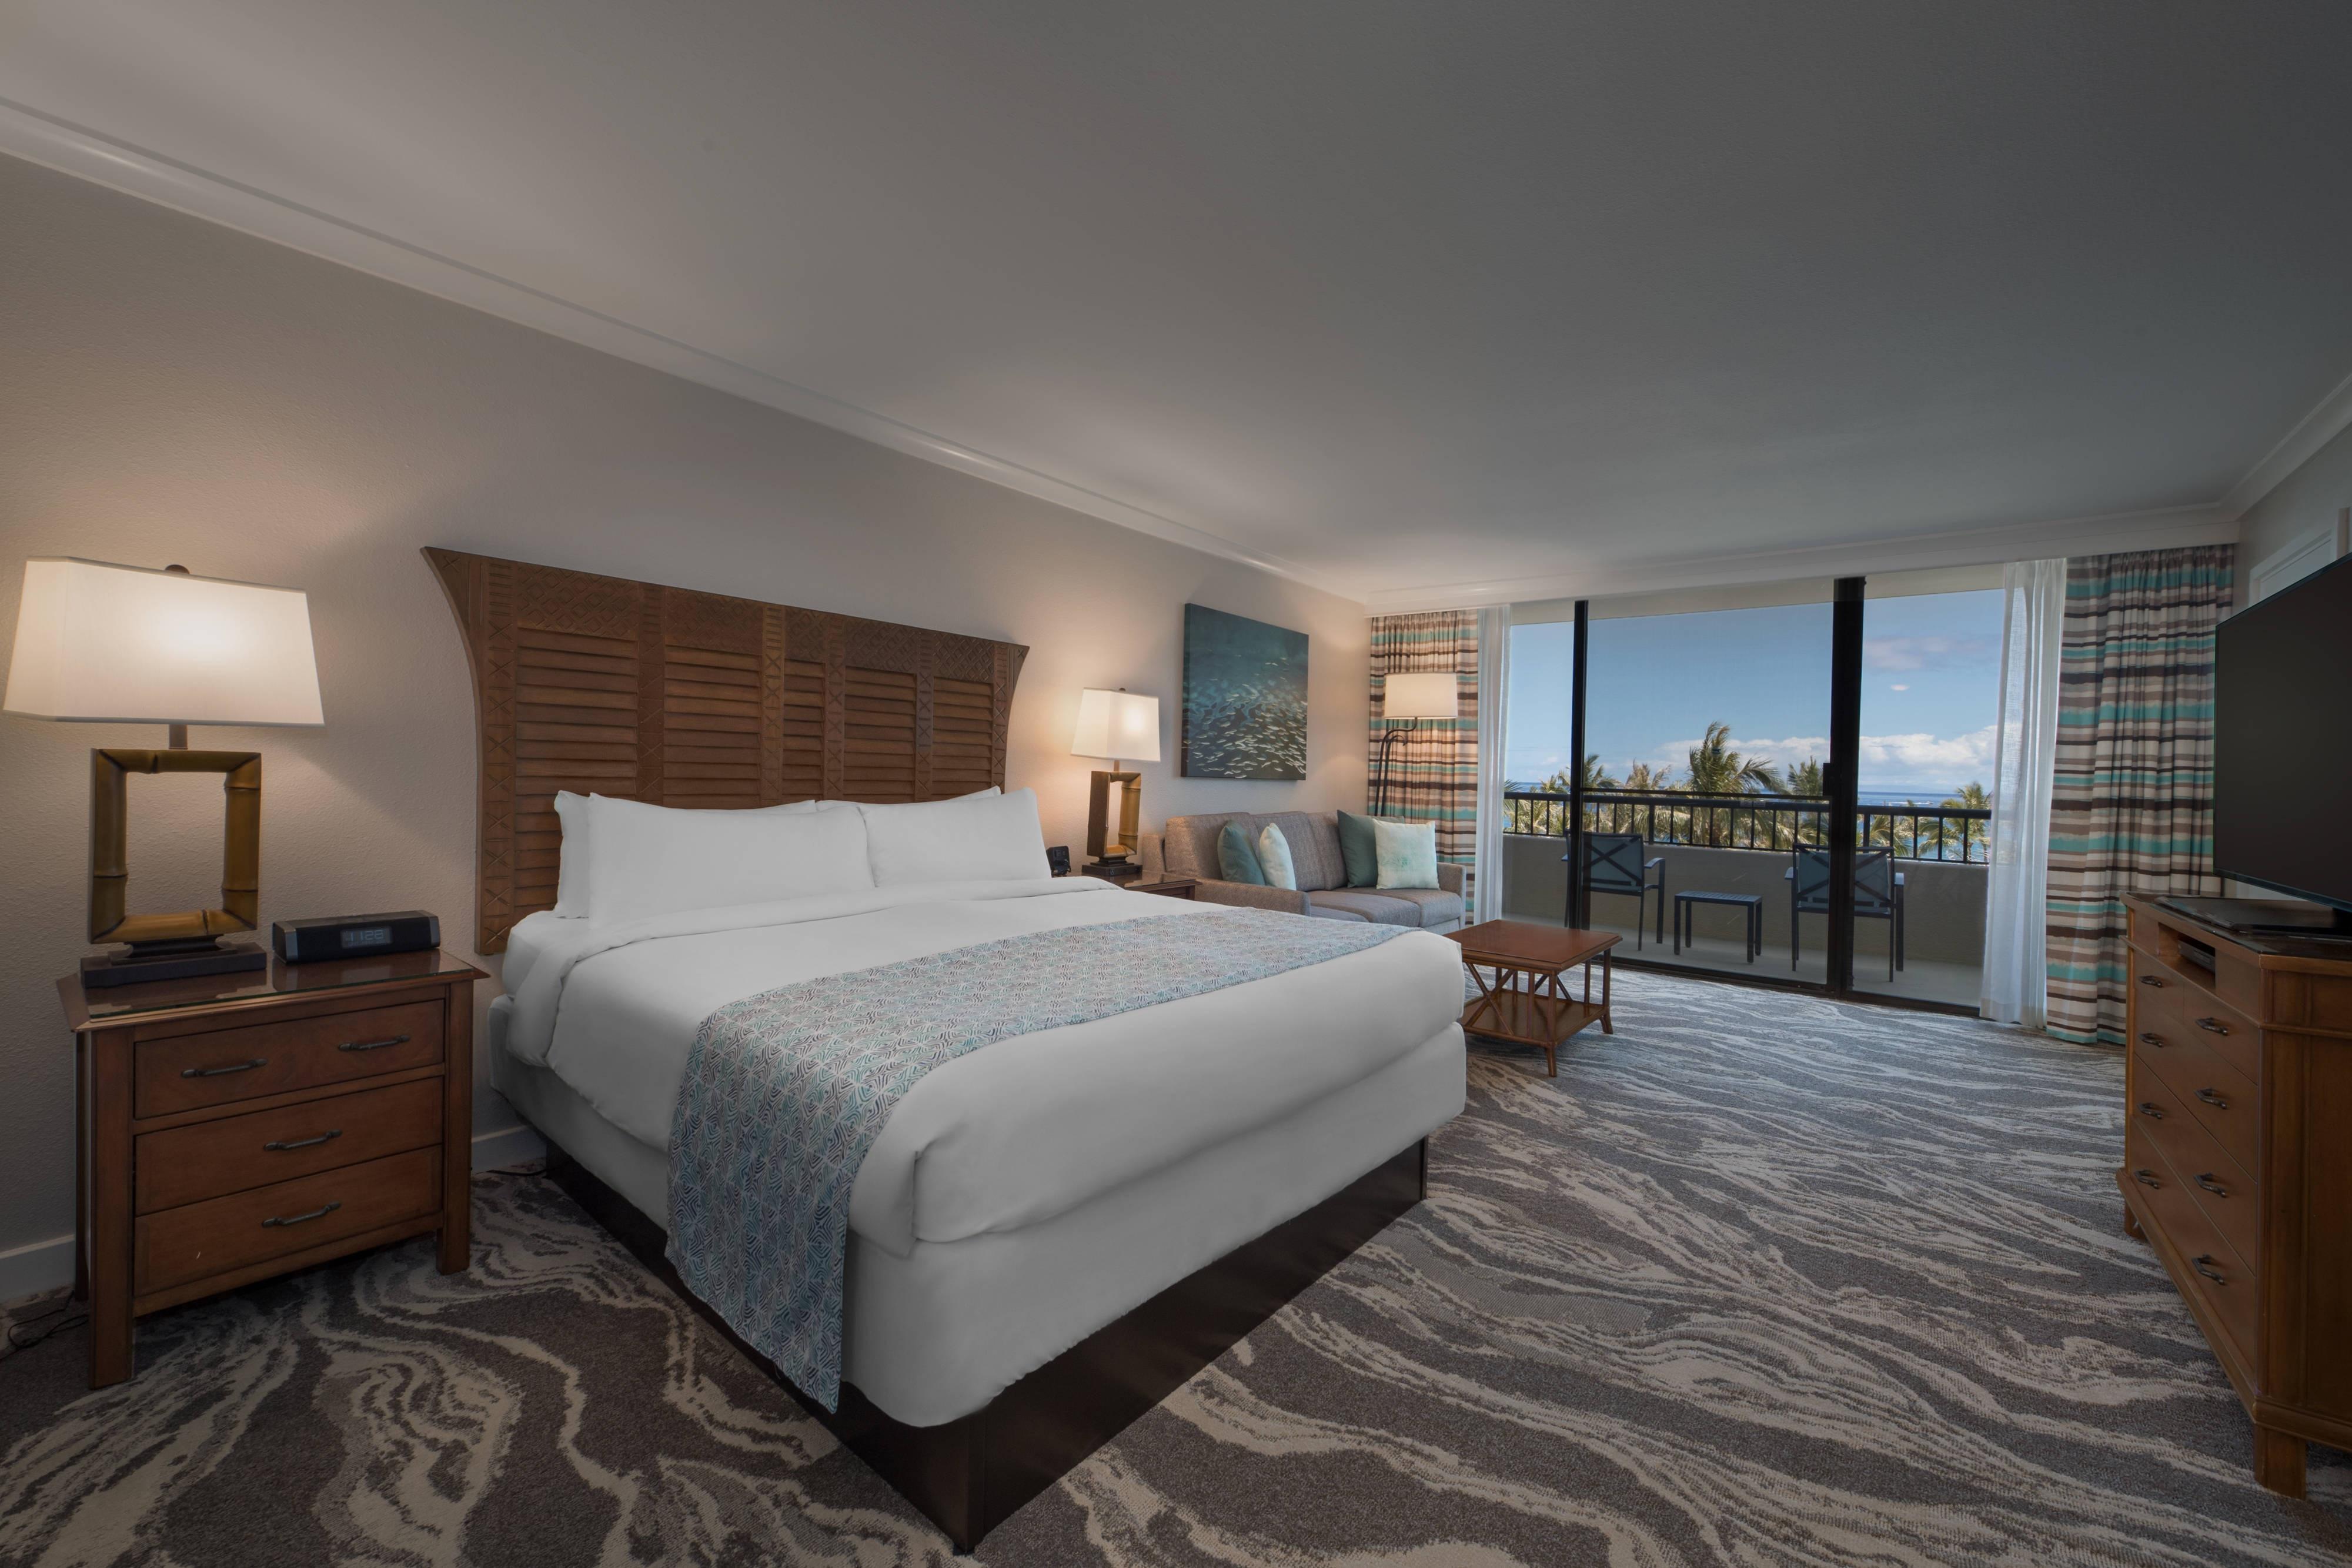 Chambre avec lit king size et vue mer